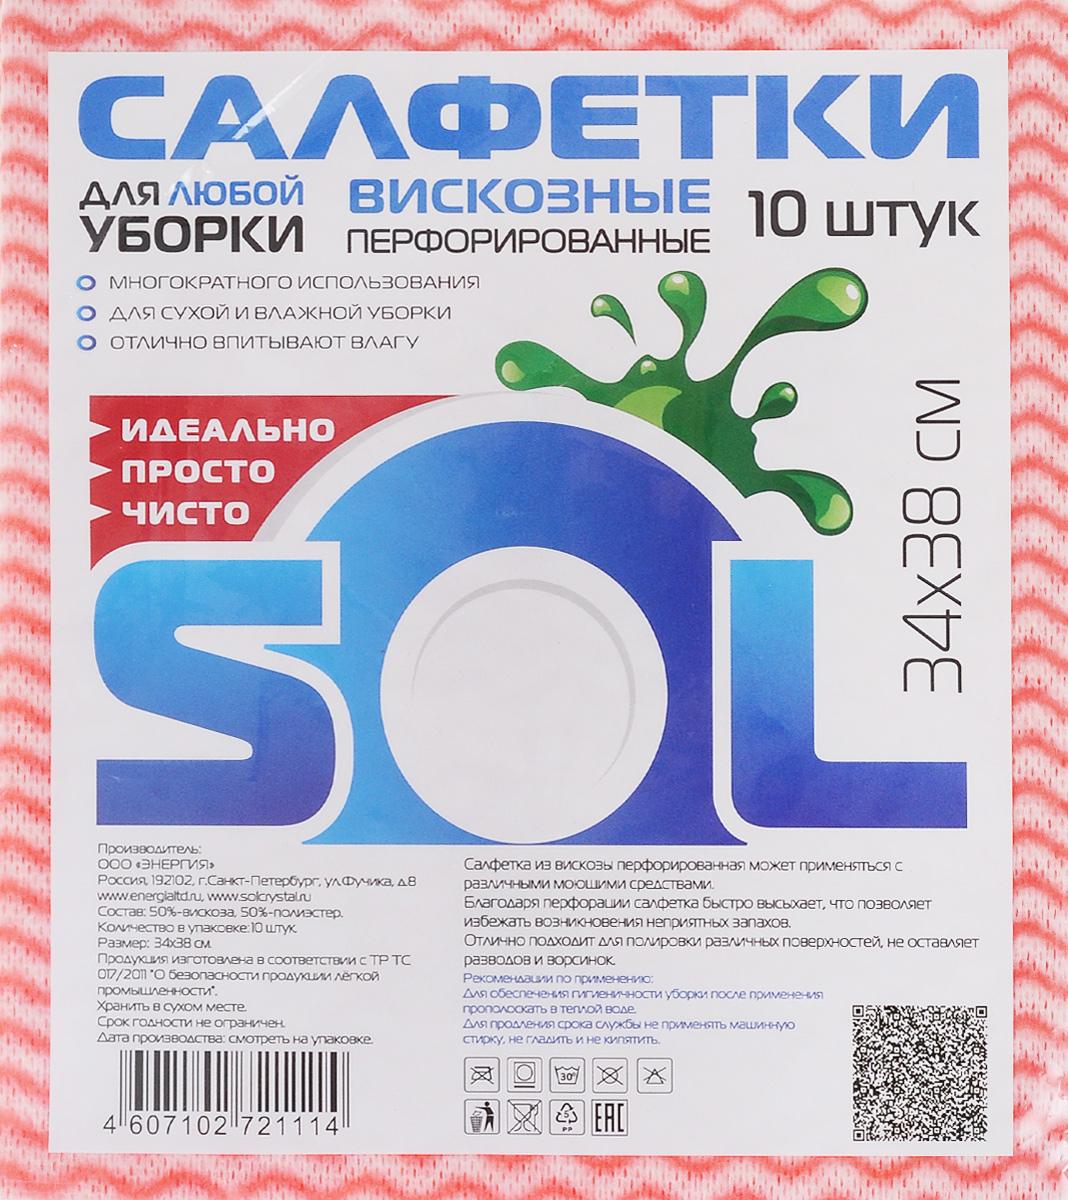 Салфетка для уборки Sol из вискозы, перфорированная, цвет: красный, желтый, 34 x 38 см, 10 шт10043_красный, желтыйПерфорированные салфетки для уборки Sol, выполненные из вискозы и полиэстера,предназначены для уборки и могут применяться с различными моющимисредствами. Эффективно впитывают жидкость. Мягкие и прочные, легкоотжимаются и быстро сохнут.Рекомендации по уходу: Для обеспечения гигиеничности уборки после применения прополоскать в теплойводе.Для продления срока службы не применять машинную стирку, не гладить и некипятить.